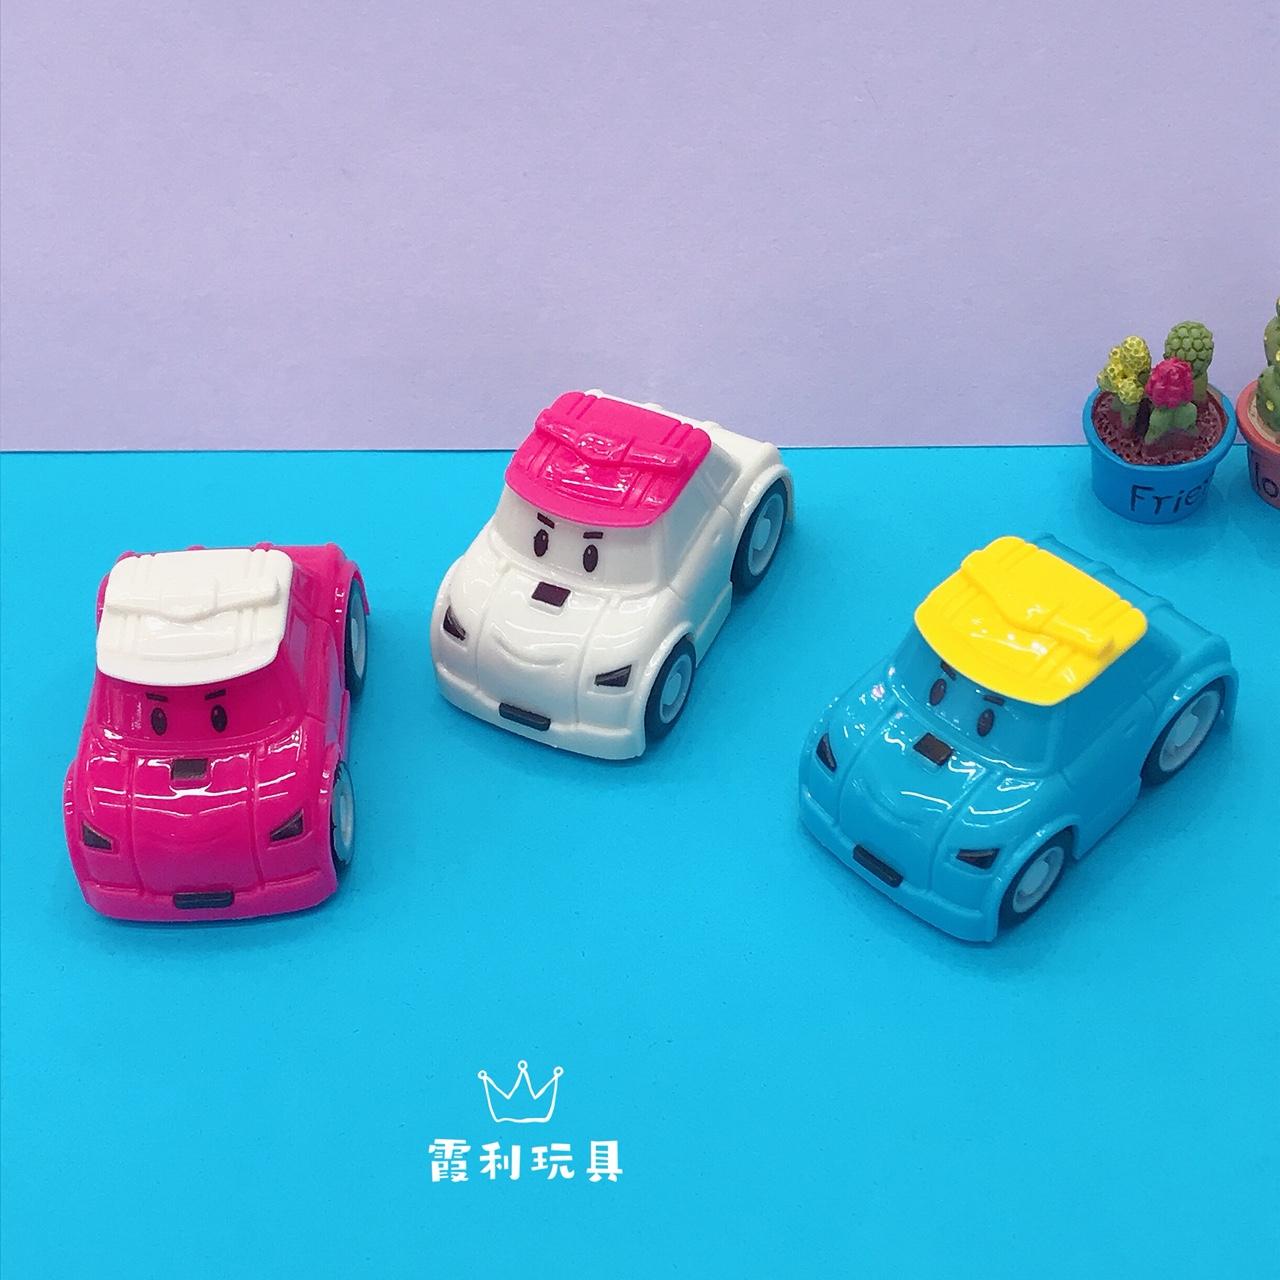 帽子卡通回力车 儿童塑料玩具 赠品 扭蛋